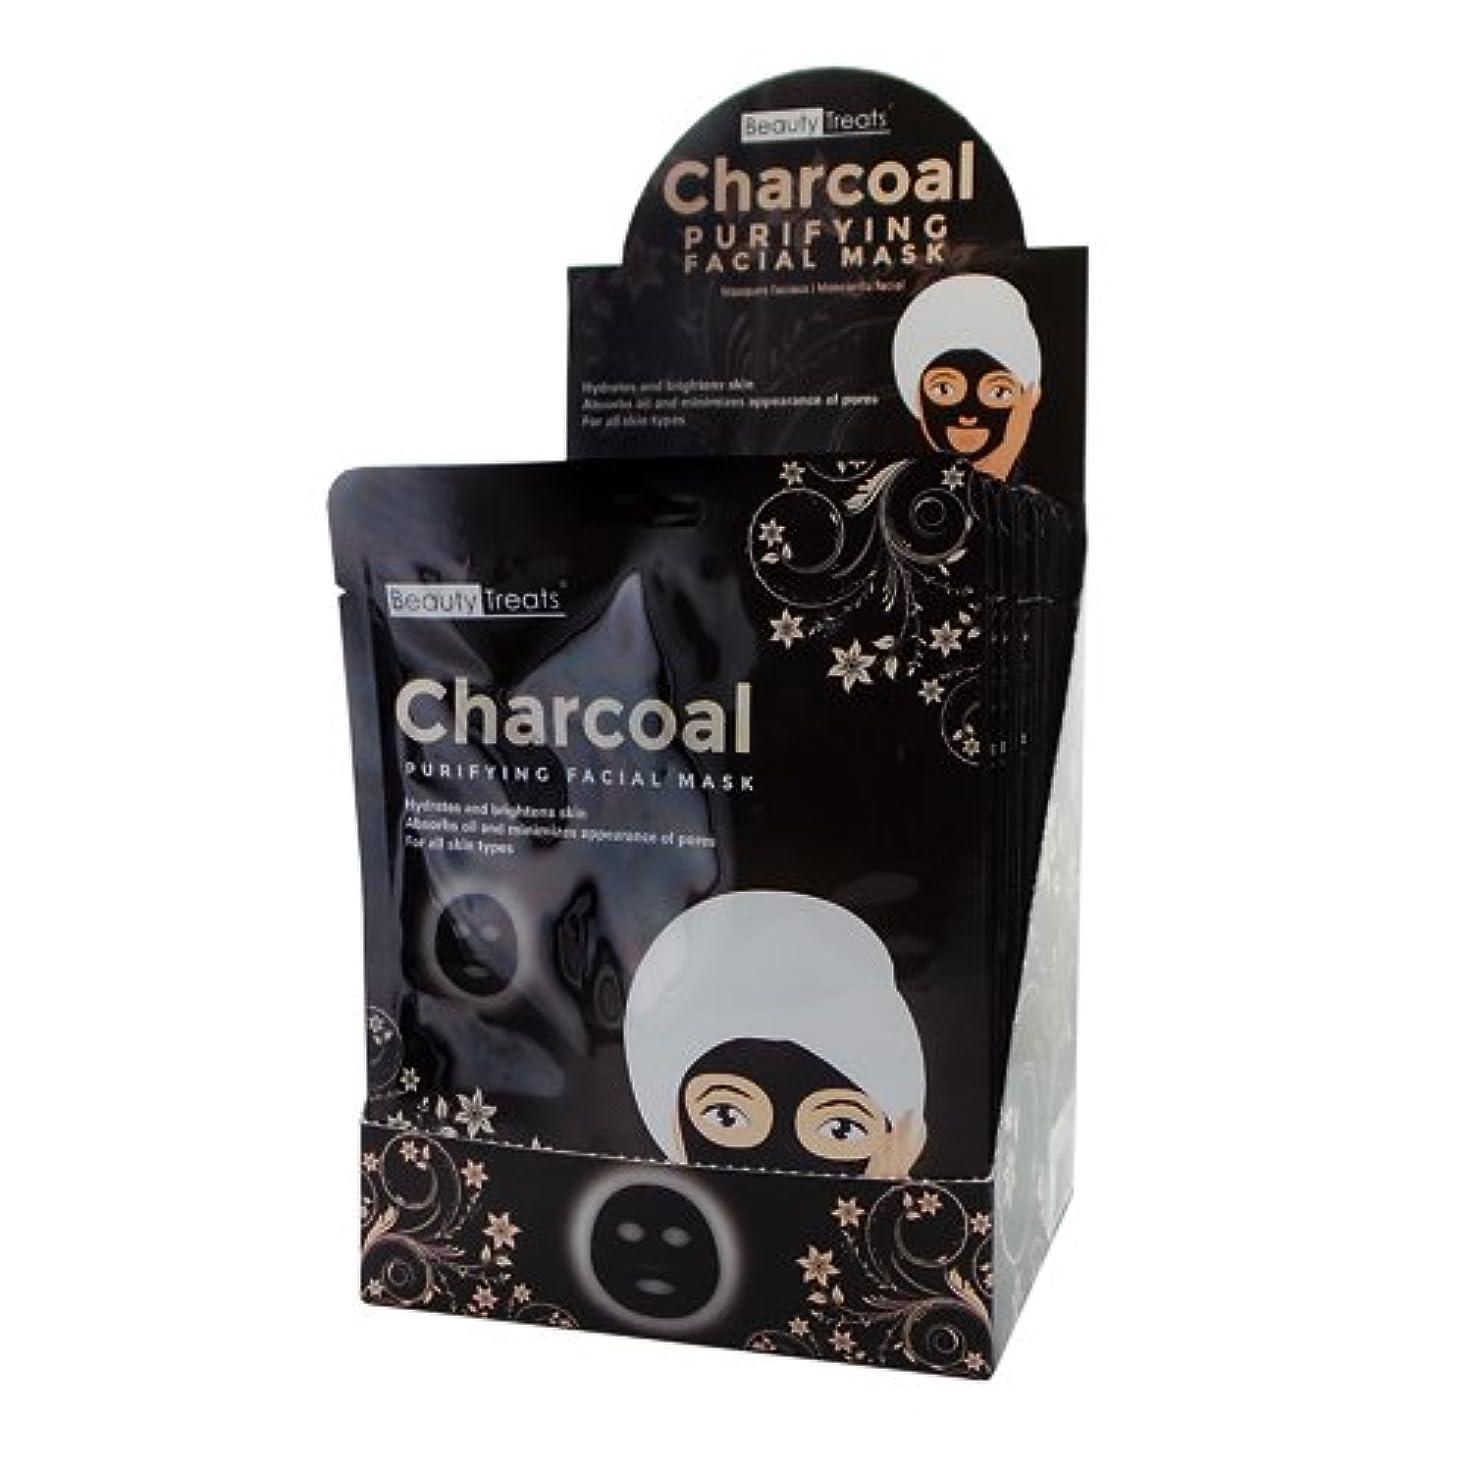 治療スピン引退したBEAUTY TREATS Charcoal Purifying Facial Mask Display Box - 24 Pieces (並行輸入品)